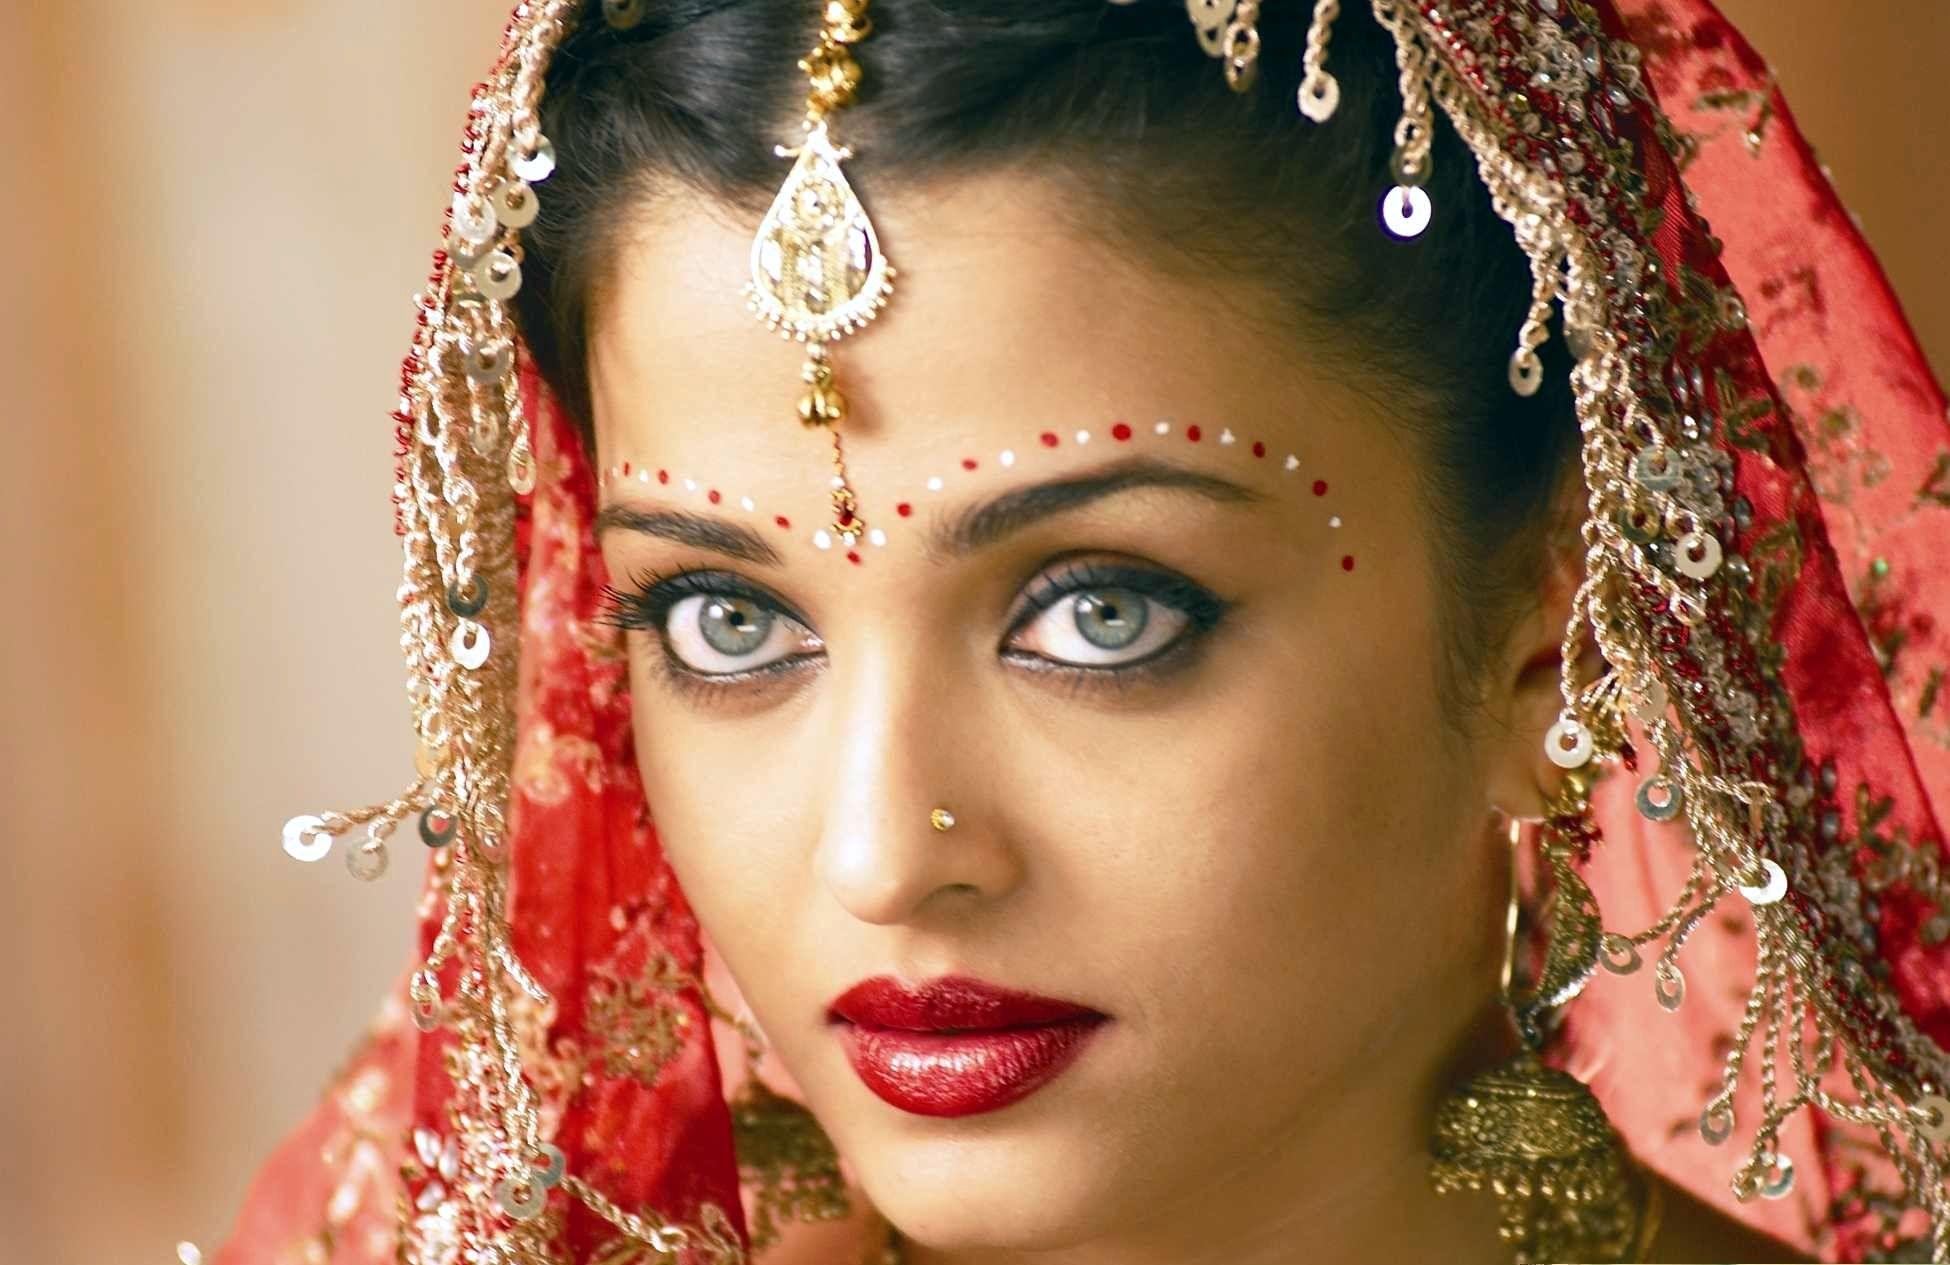 Восточные прически для невест на свадьбу фото кавказских